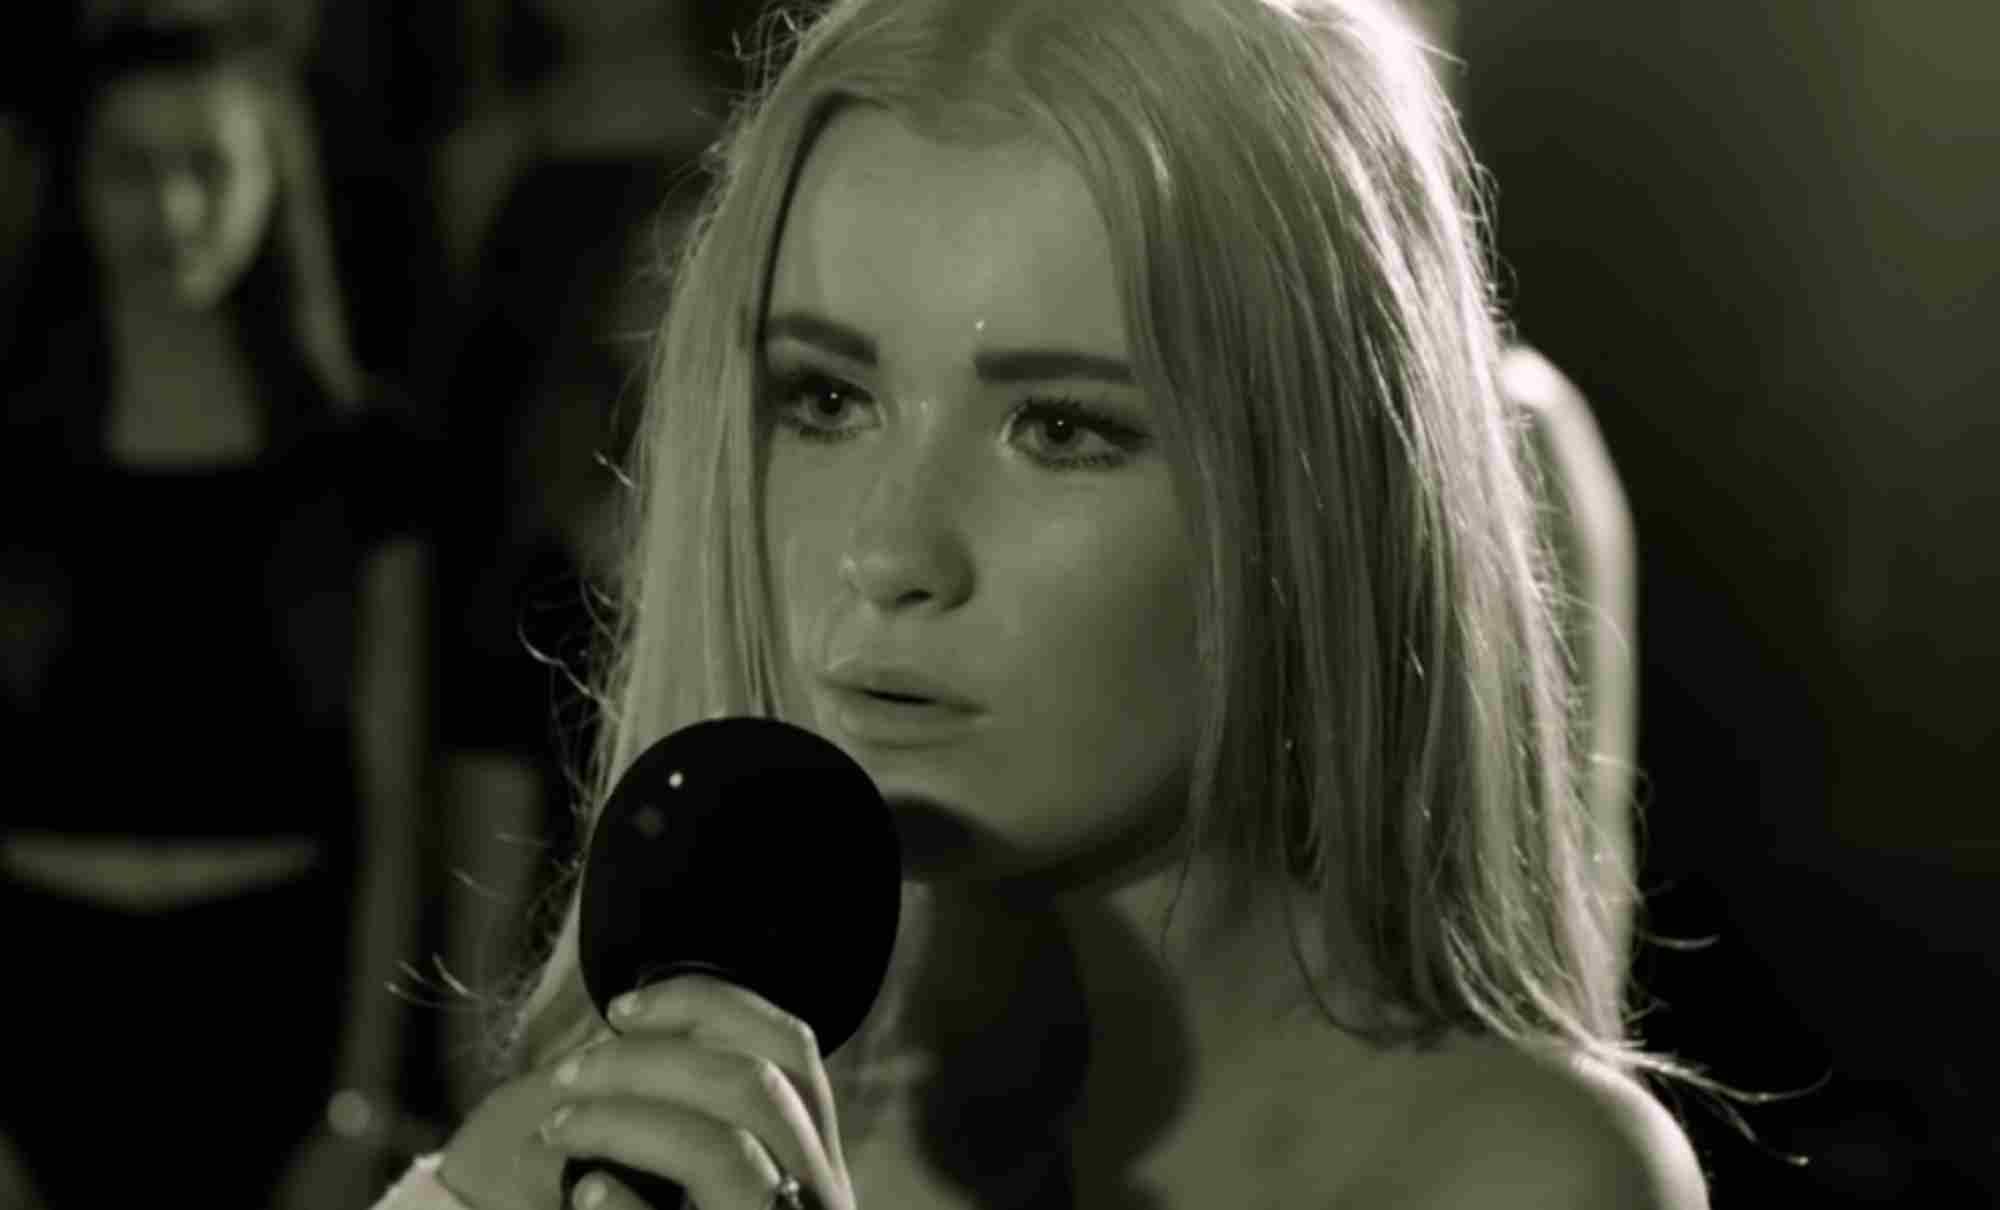 音楽動画:ゲール語で歌われるポップス